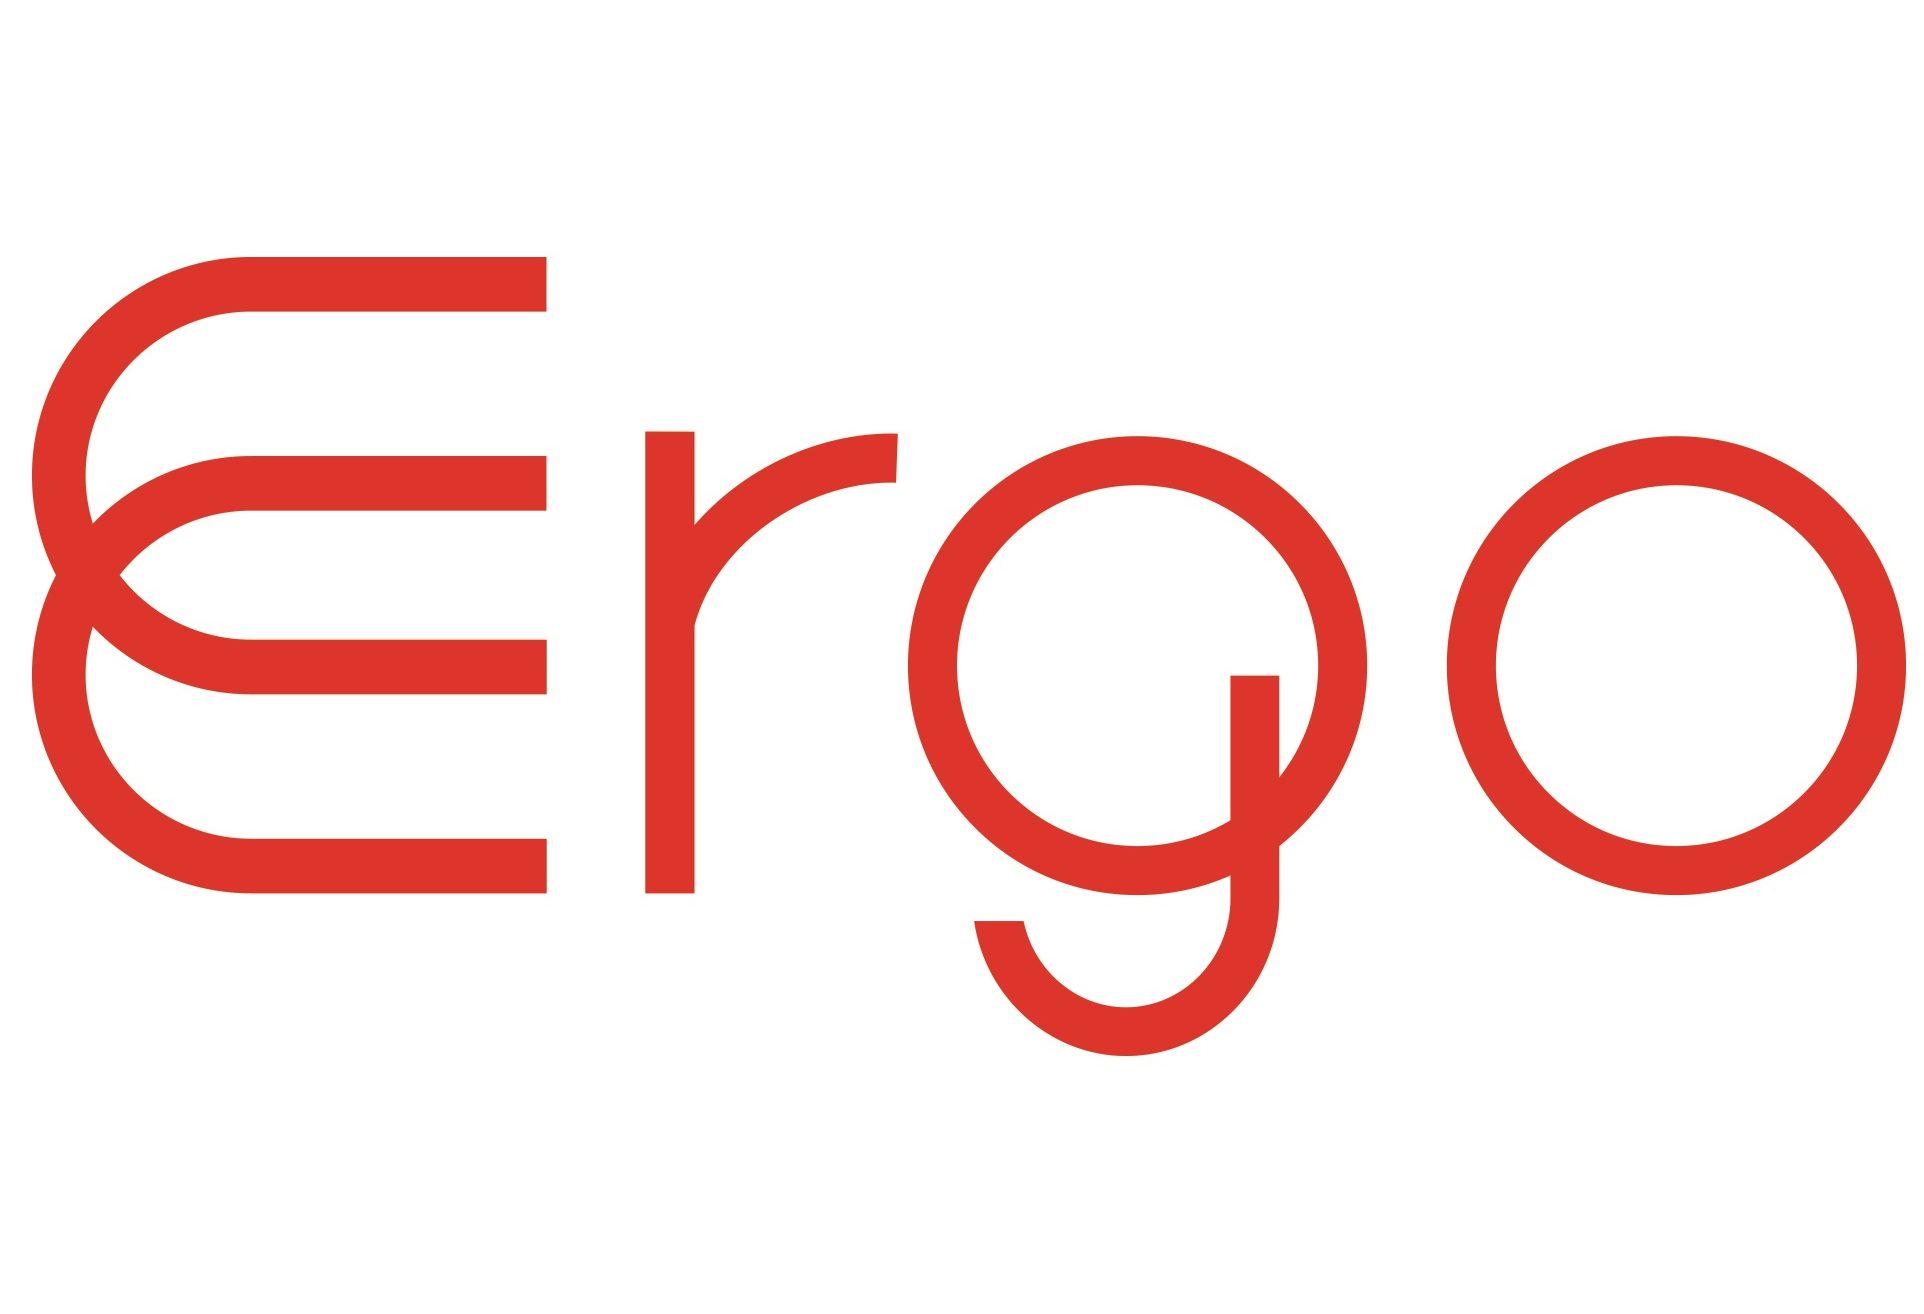 Ergoworld